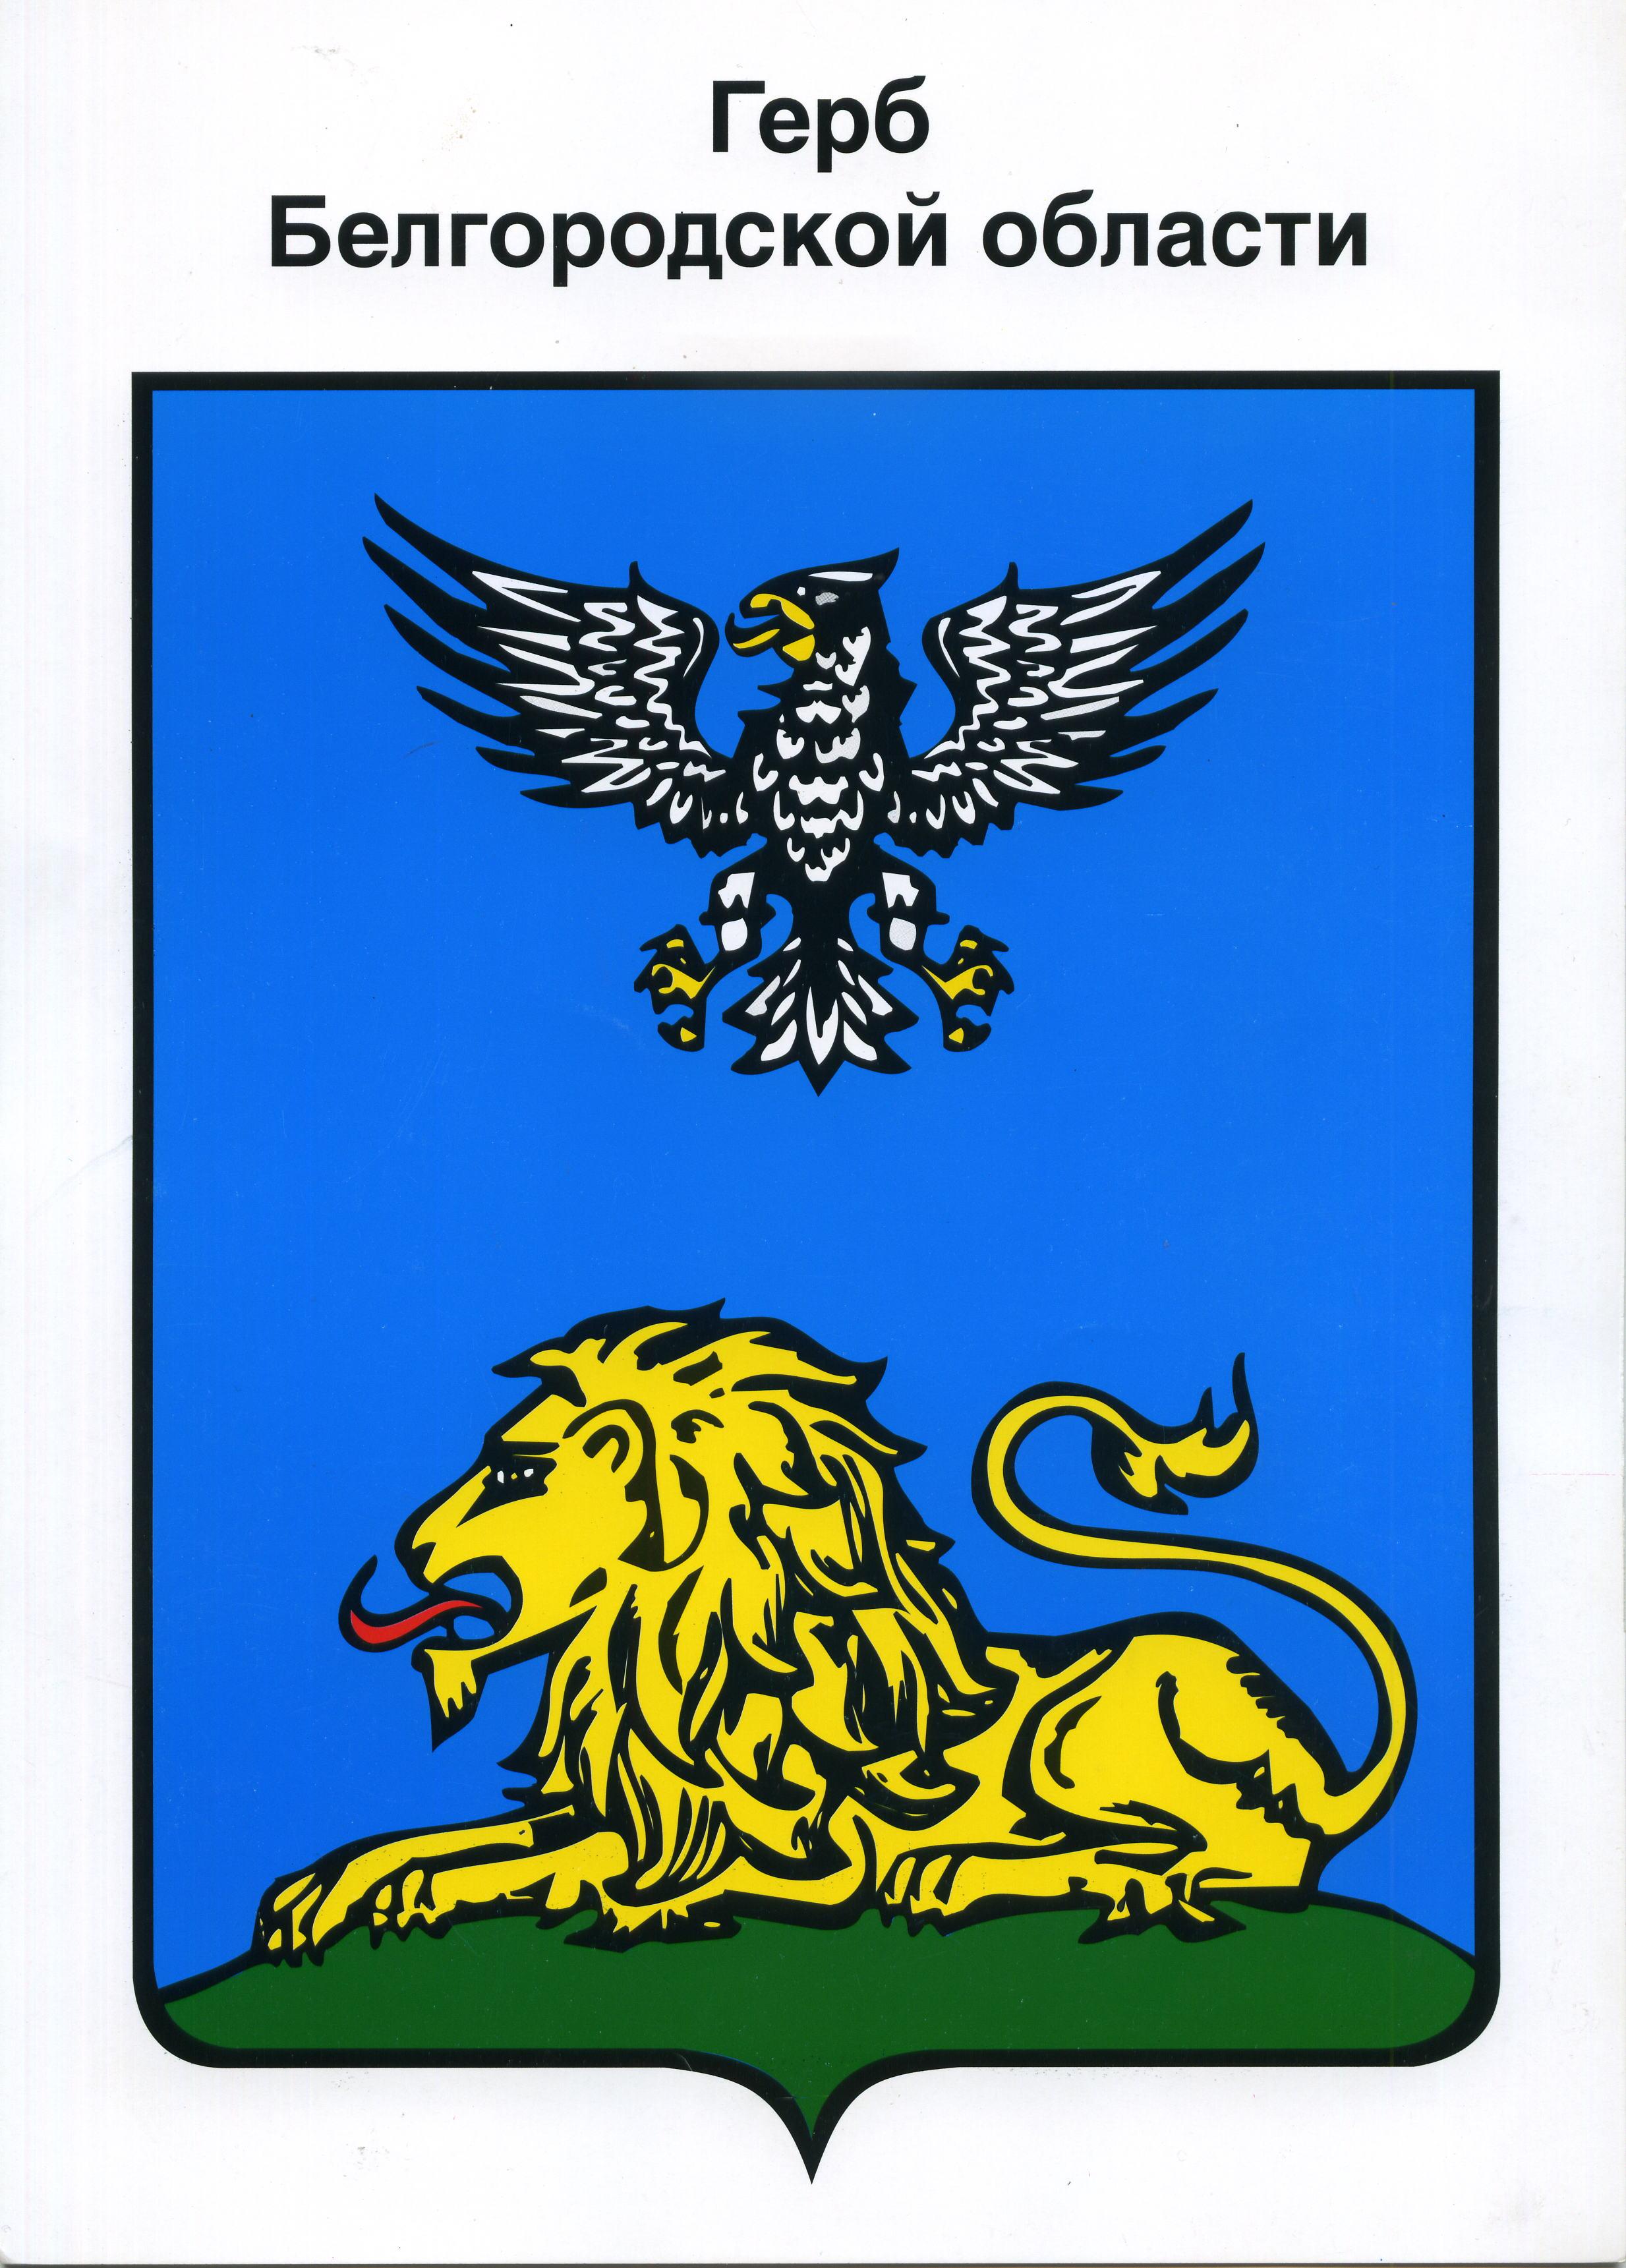 герб белгородской области раскраска